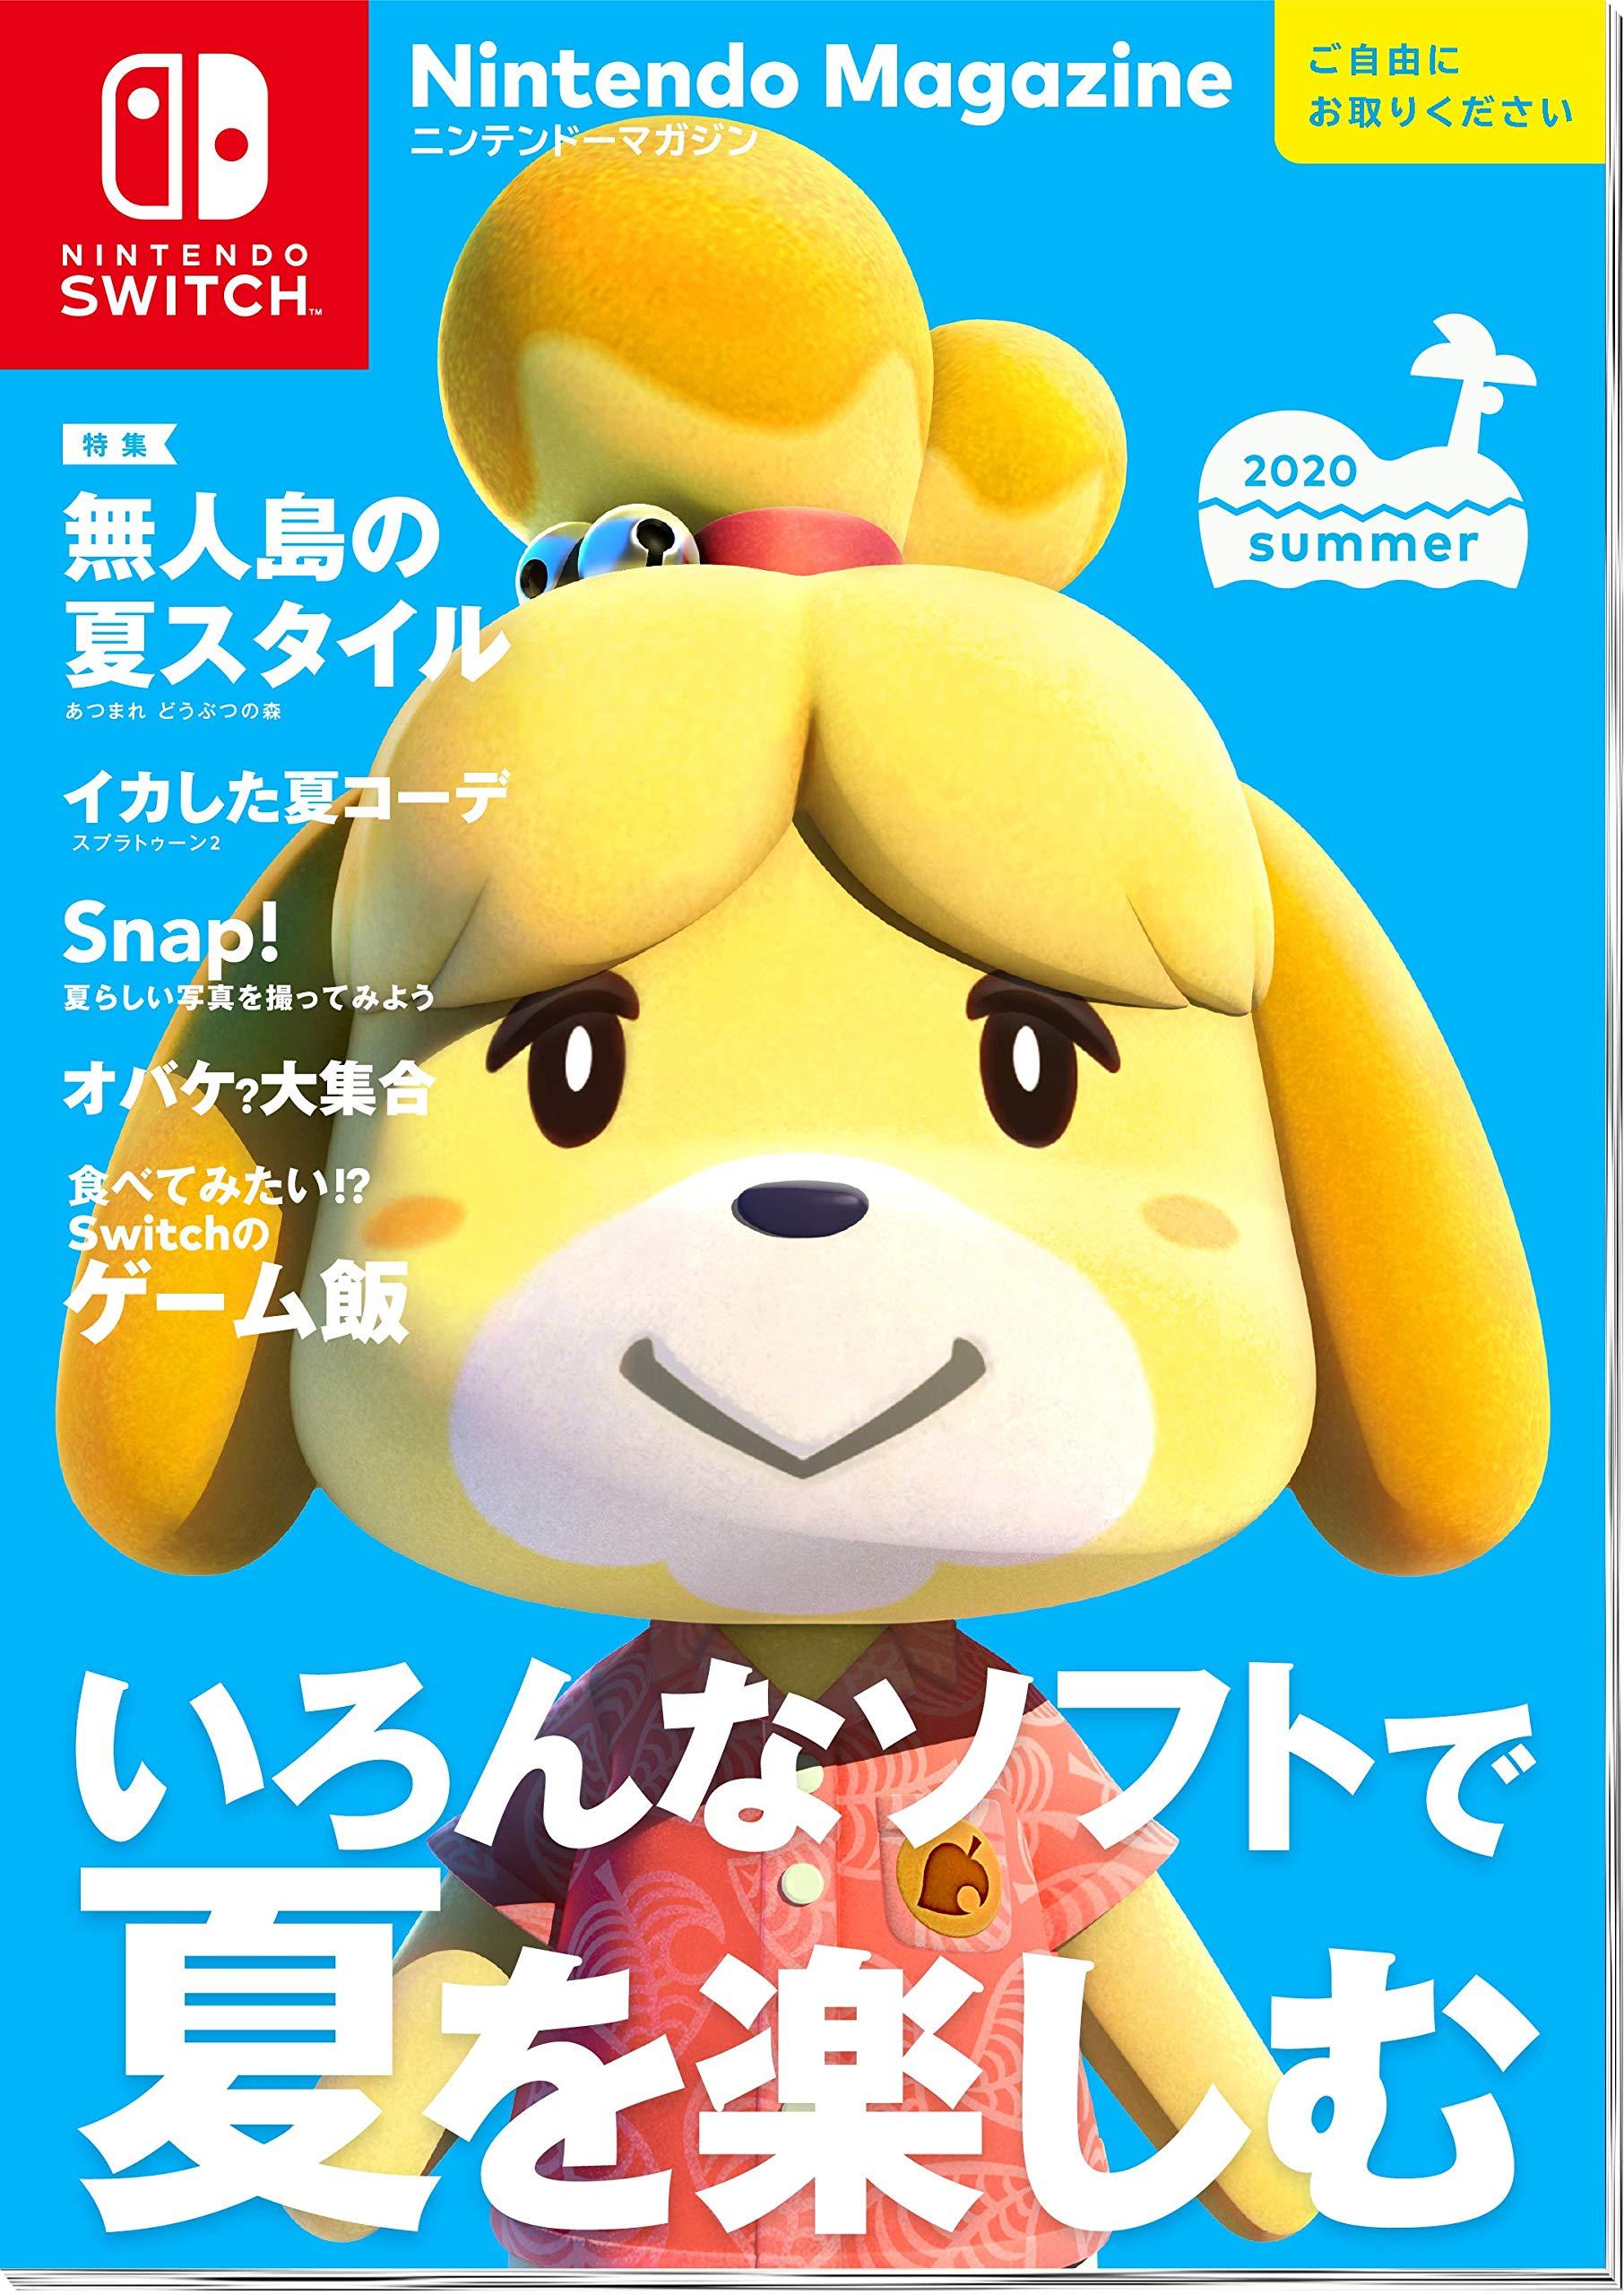 ニンテンドースイッチ ダウンロード版ソフトが500円オフに!「NintendoSwitch 2020夏のソフトカタログキャンペーン」